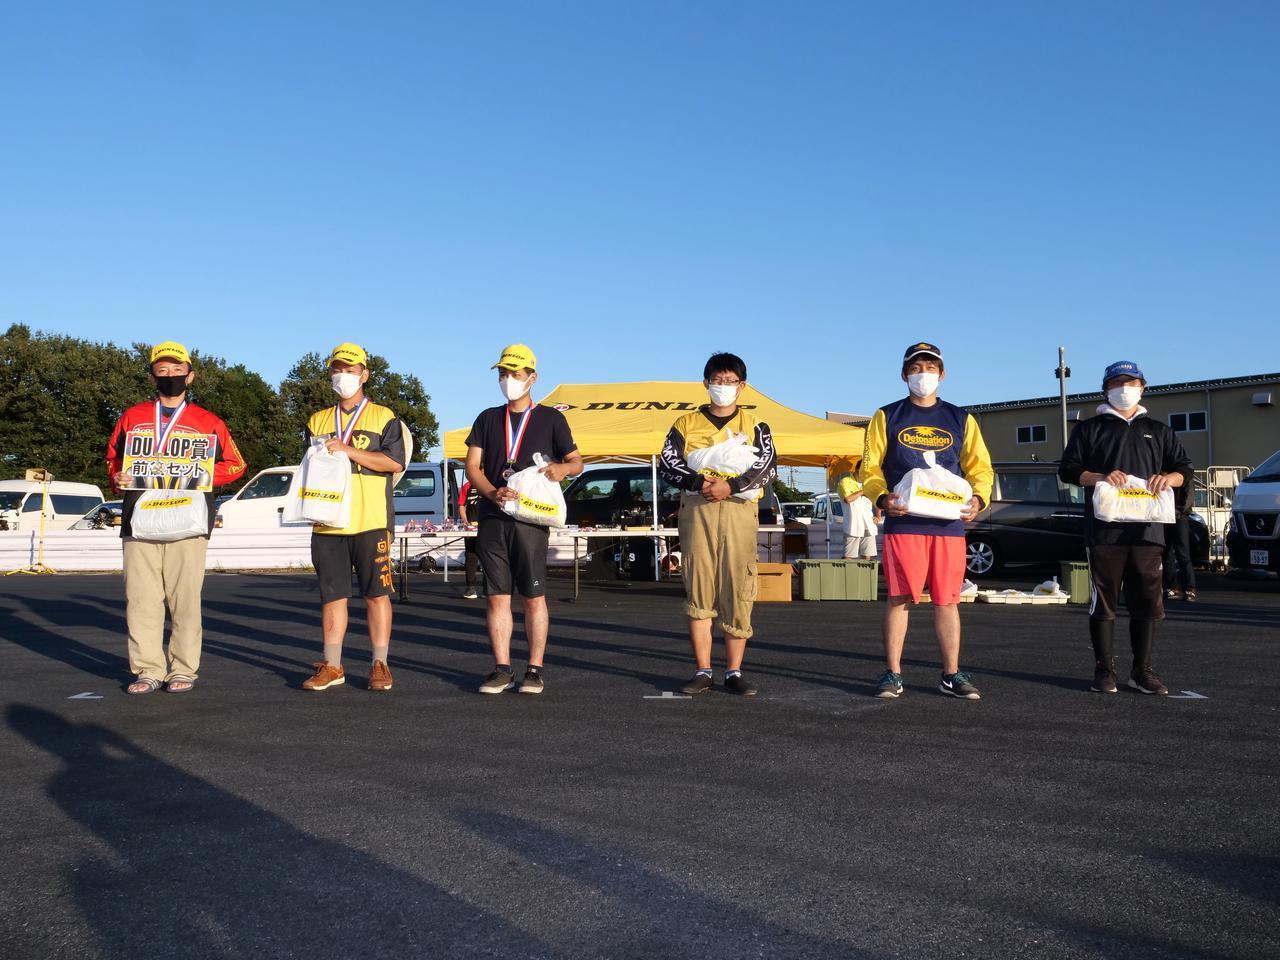 画像: ●B級入賞者 左から1位・関根 健選手、2位・濱田 令選手、3位・江口 柊選手、4位・木村健太選手、5位・柳田豪悦選手、6位・井川洋一選手 各クラスのウイナーには、ダンロップ賞としてダンロップタイヤ前後1セットが贈られる。